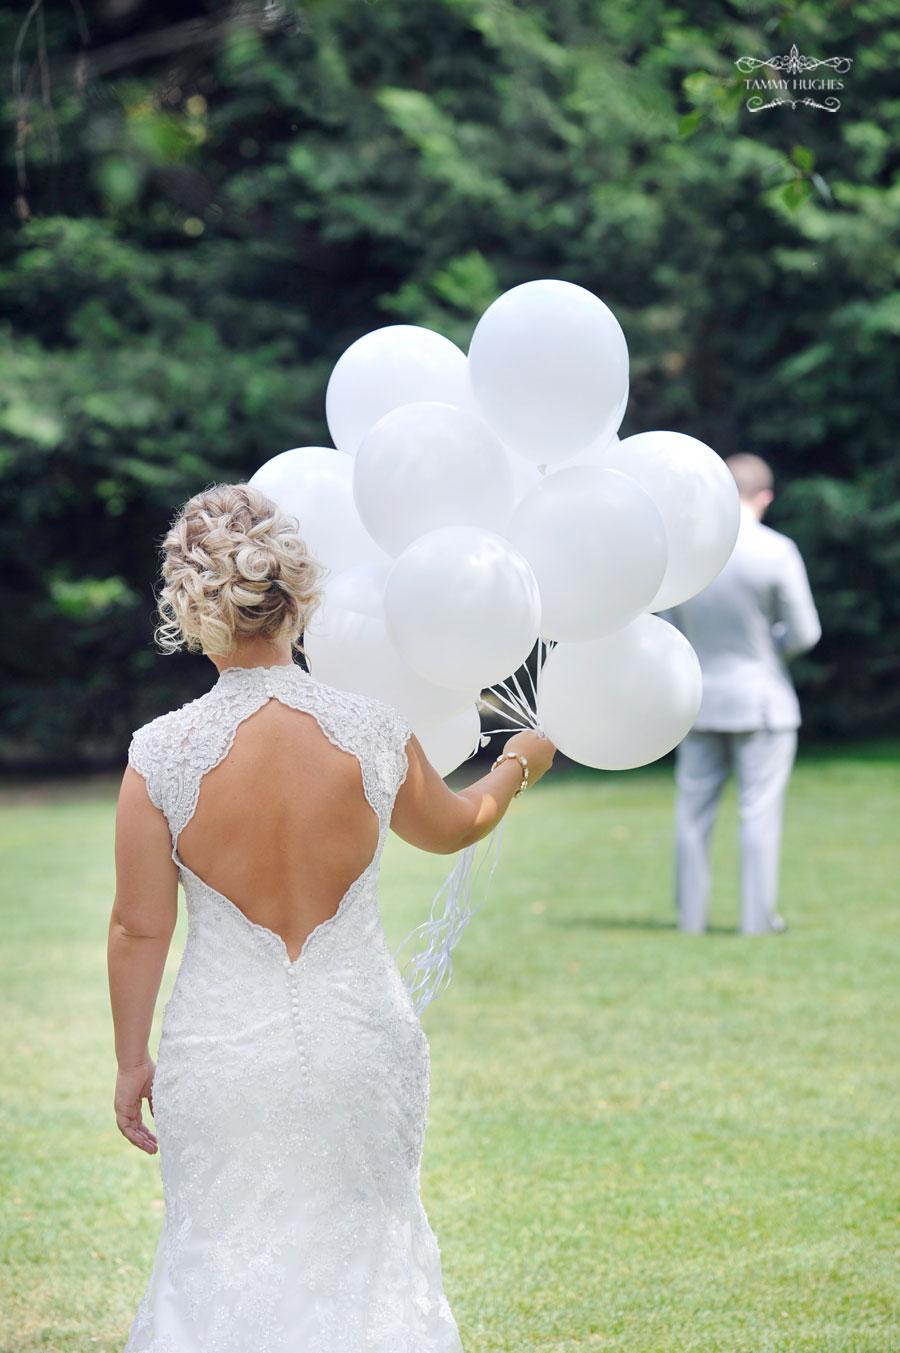 Pageo Lavender Farm Wedding with Beth + Cody